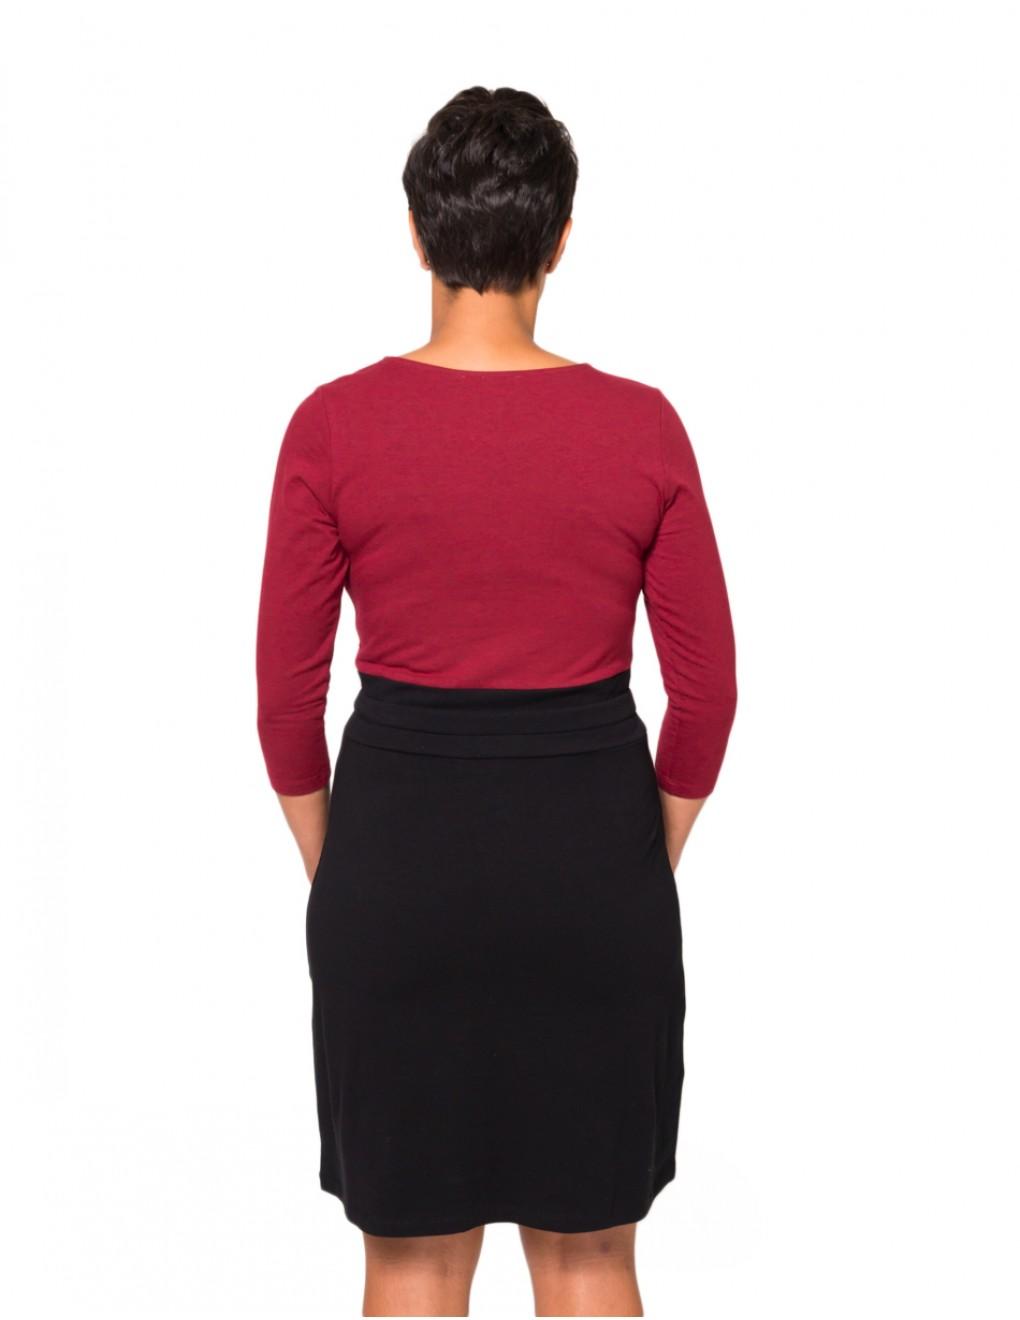 momzelle-emilie-nursing-dress-red-back.jpg